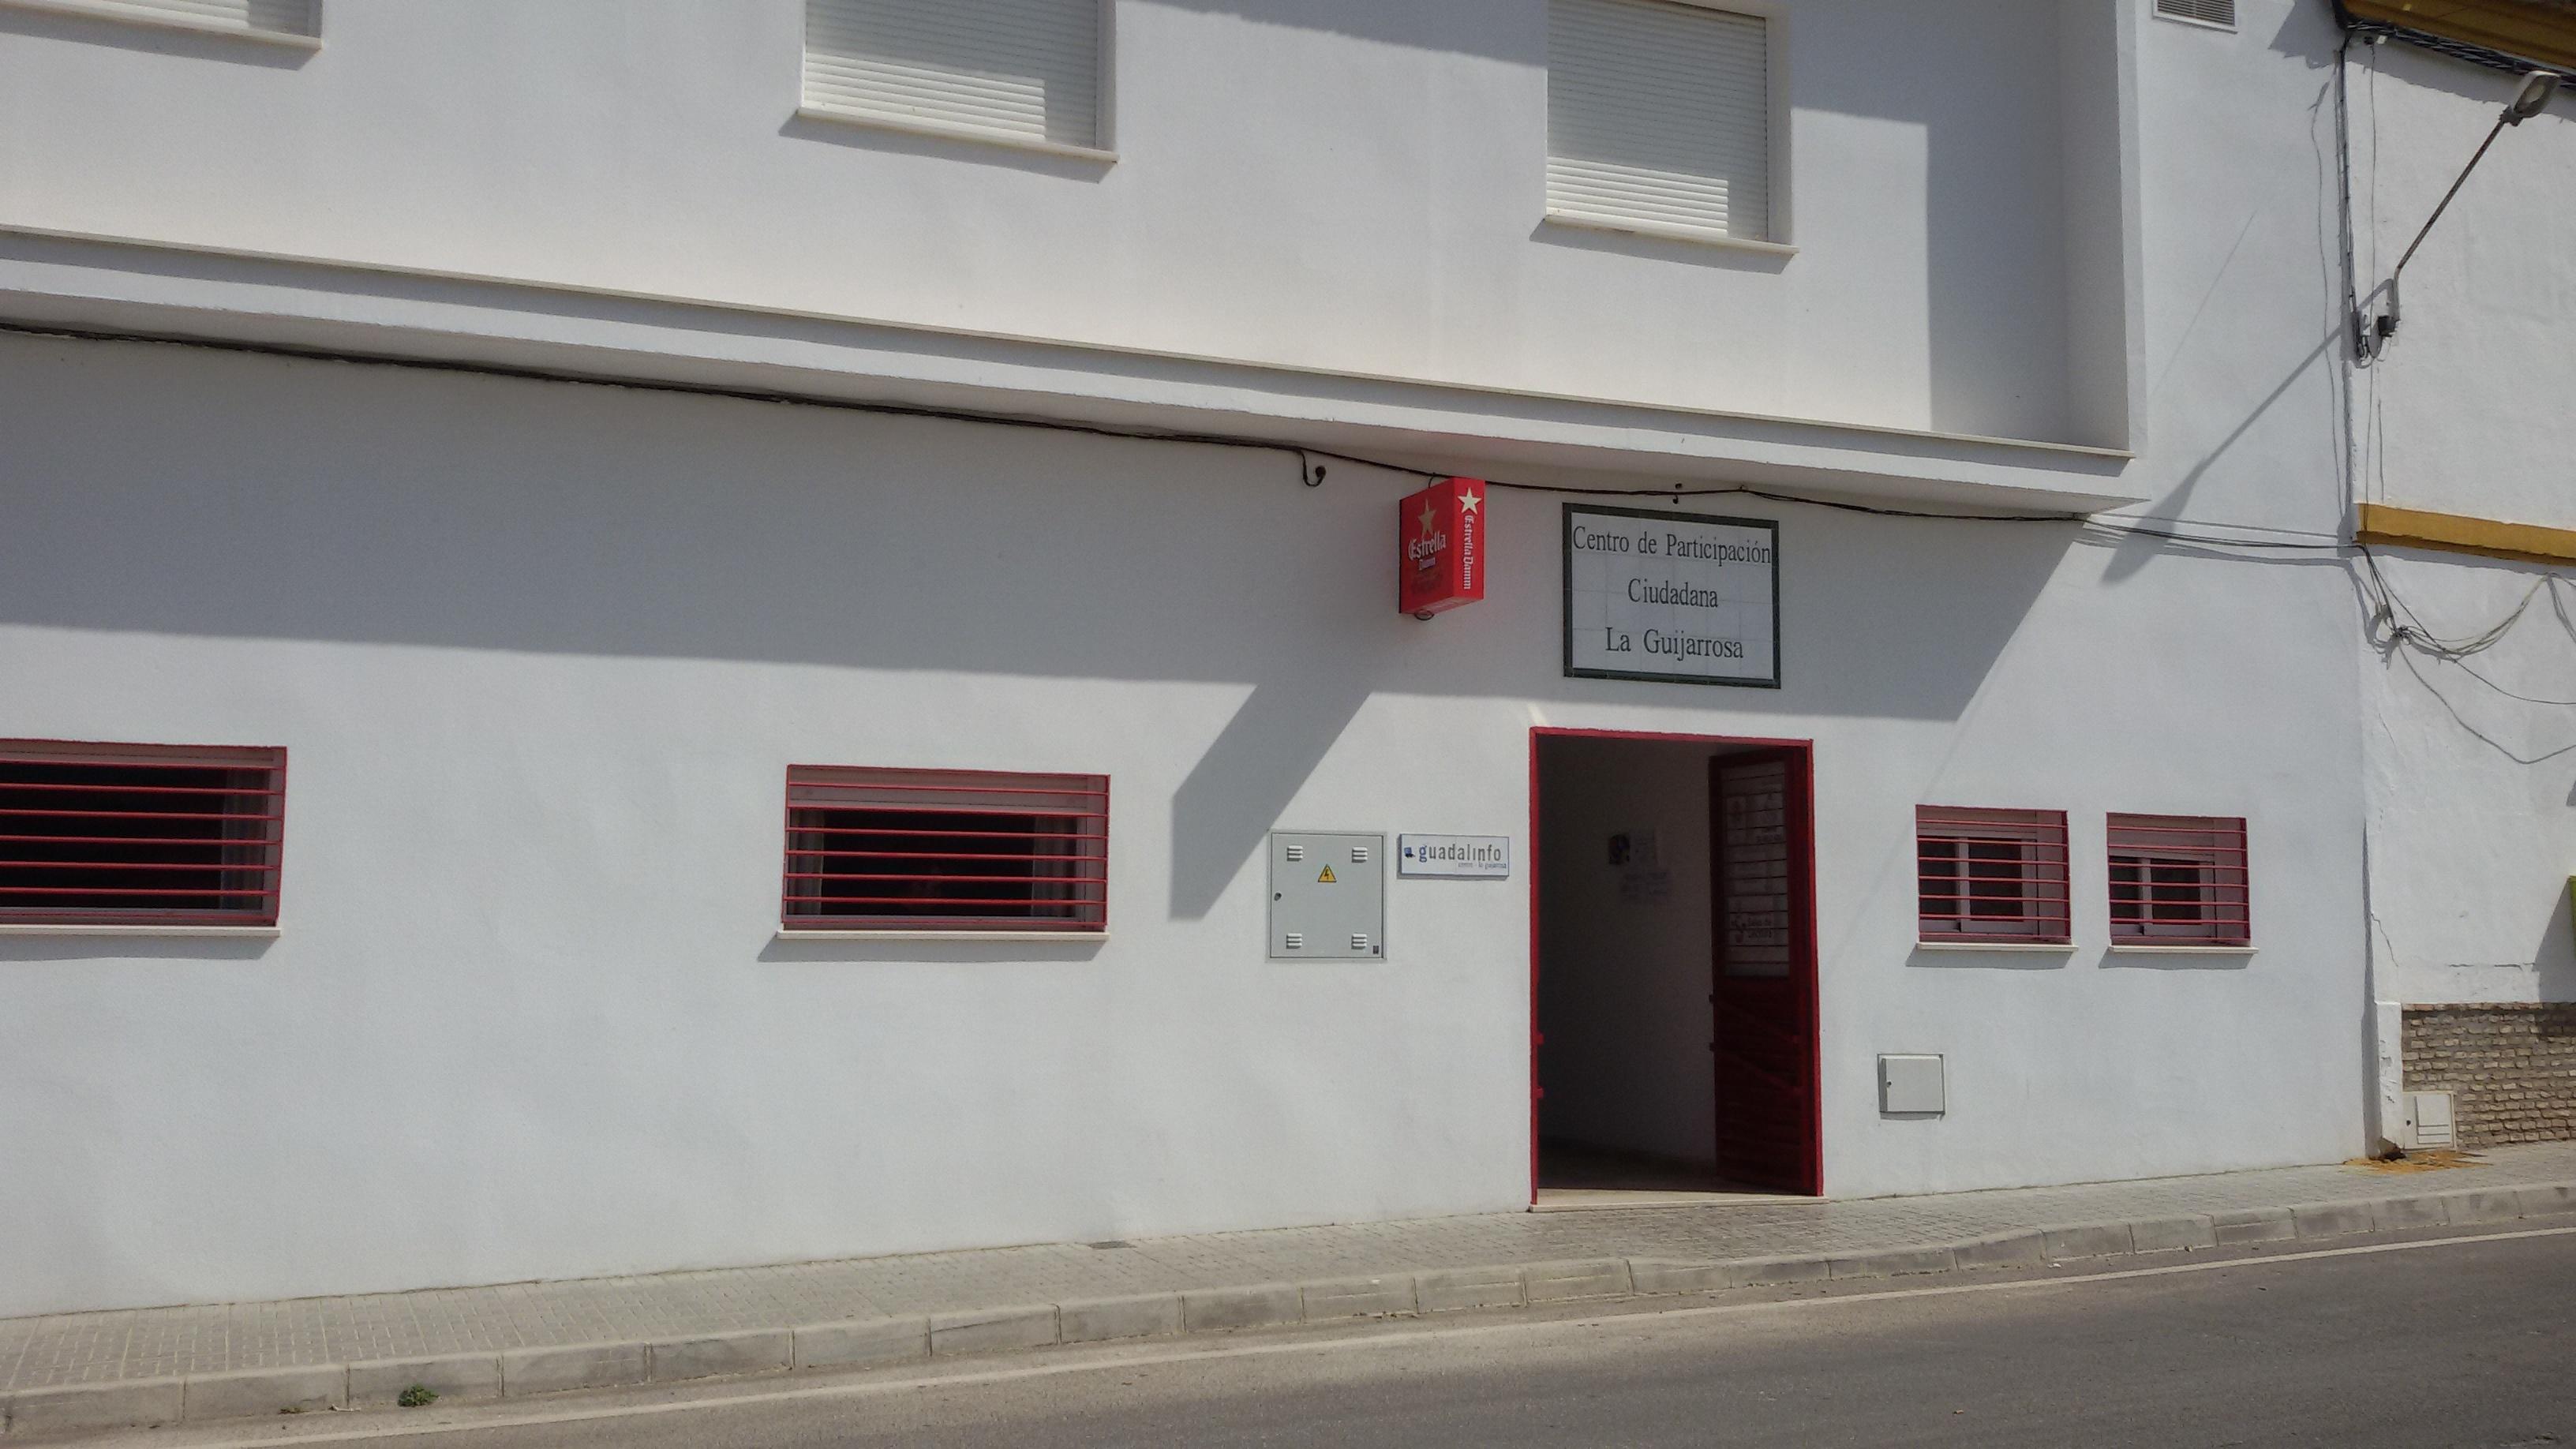 Centro de Participación Ciudadana